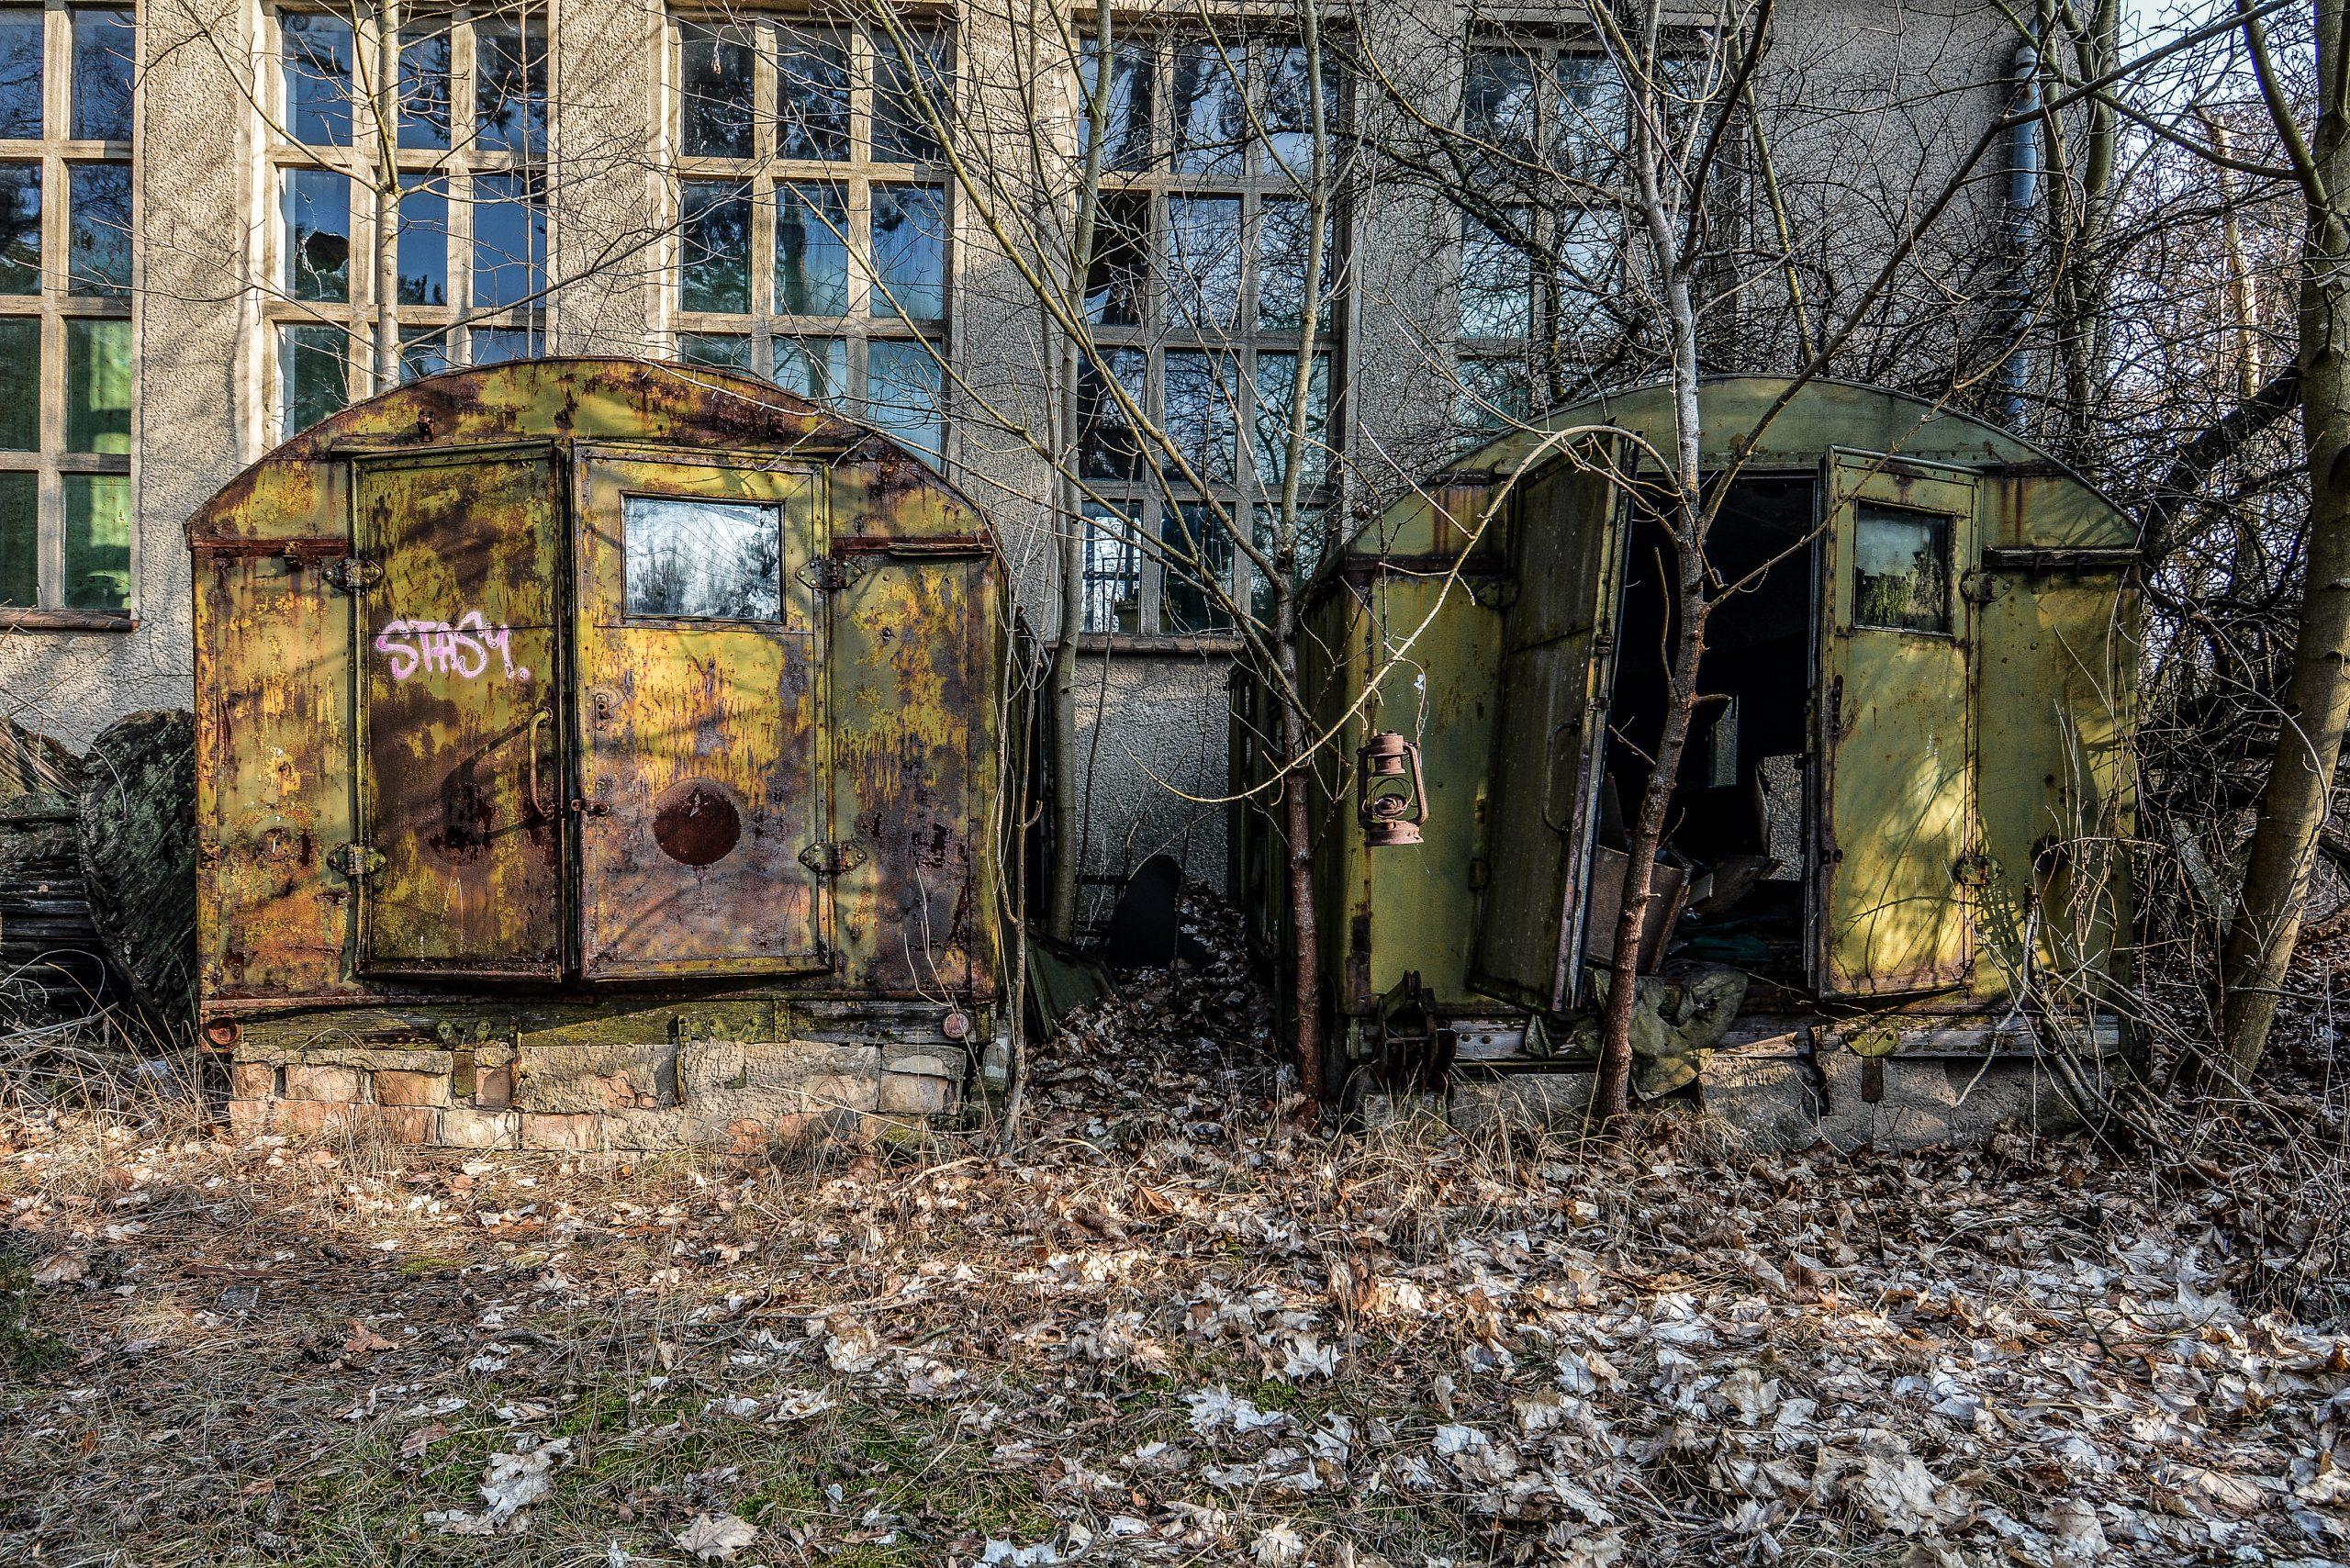 soviet caravan storage building forst zinna adolf hitler lager luckenwalde juterbog sowjet kaserne soviet military barracks germany lost places urbex abandoned